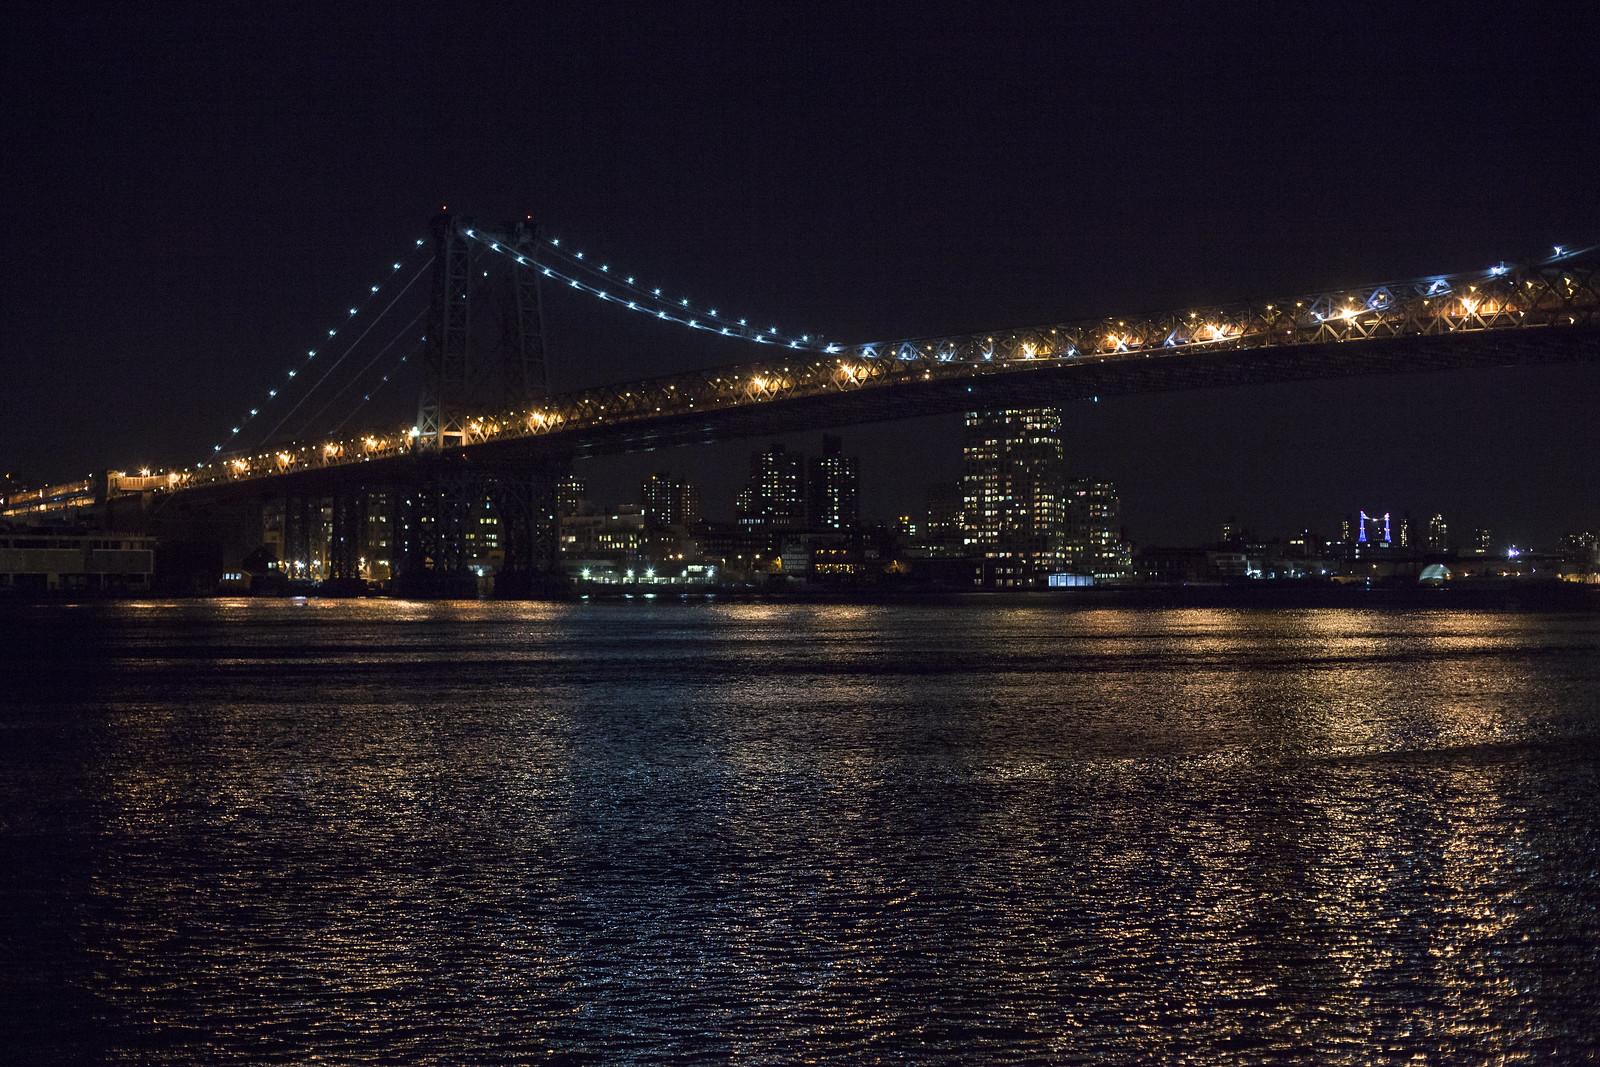 Williamsburg Bridge by wwward0